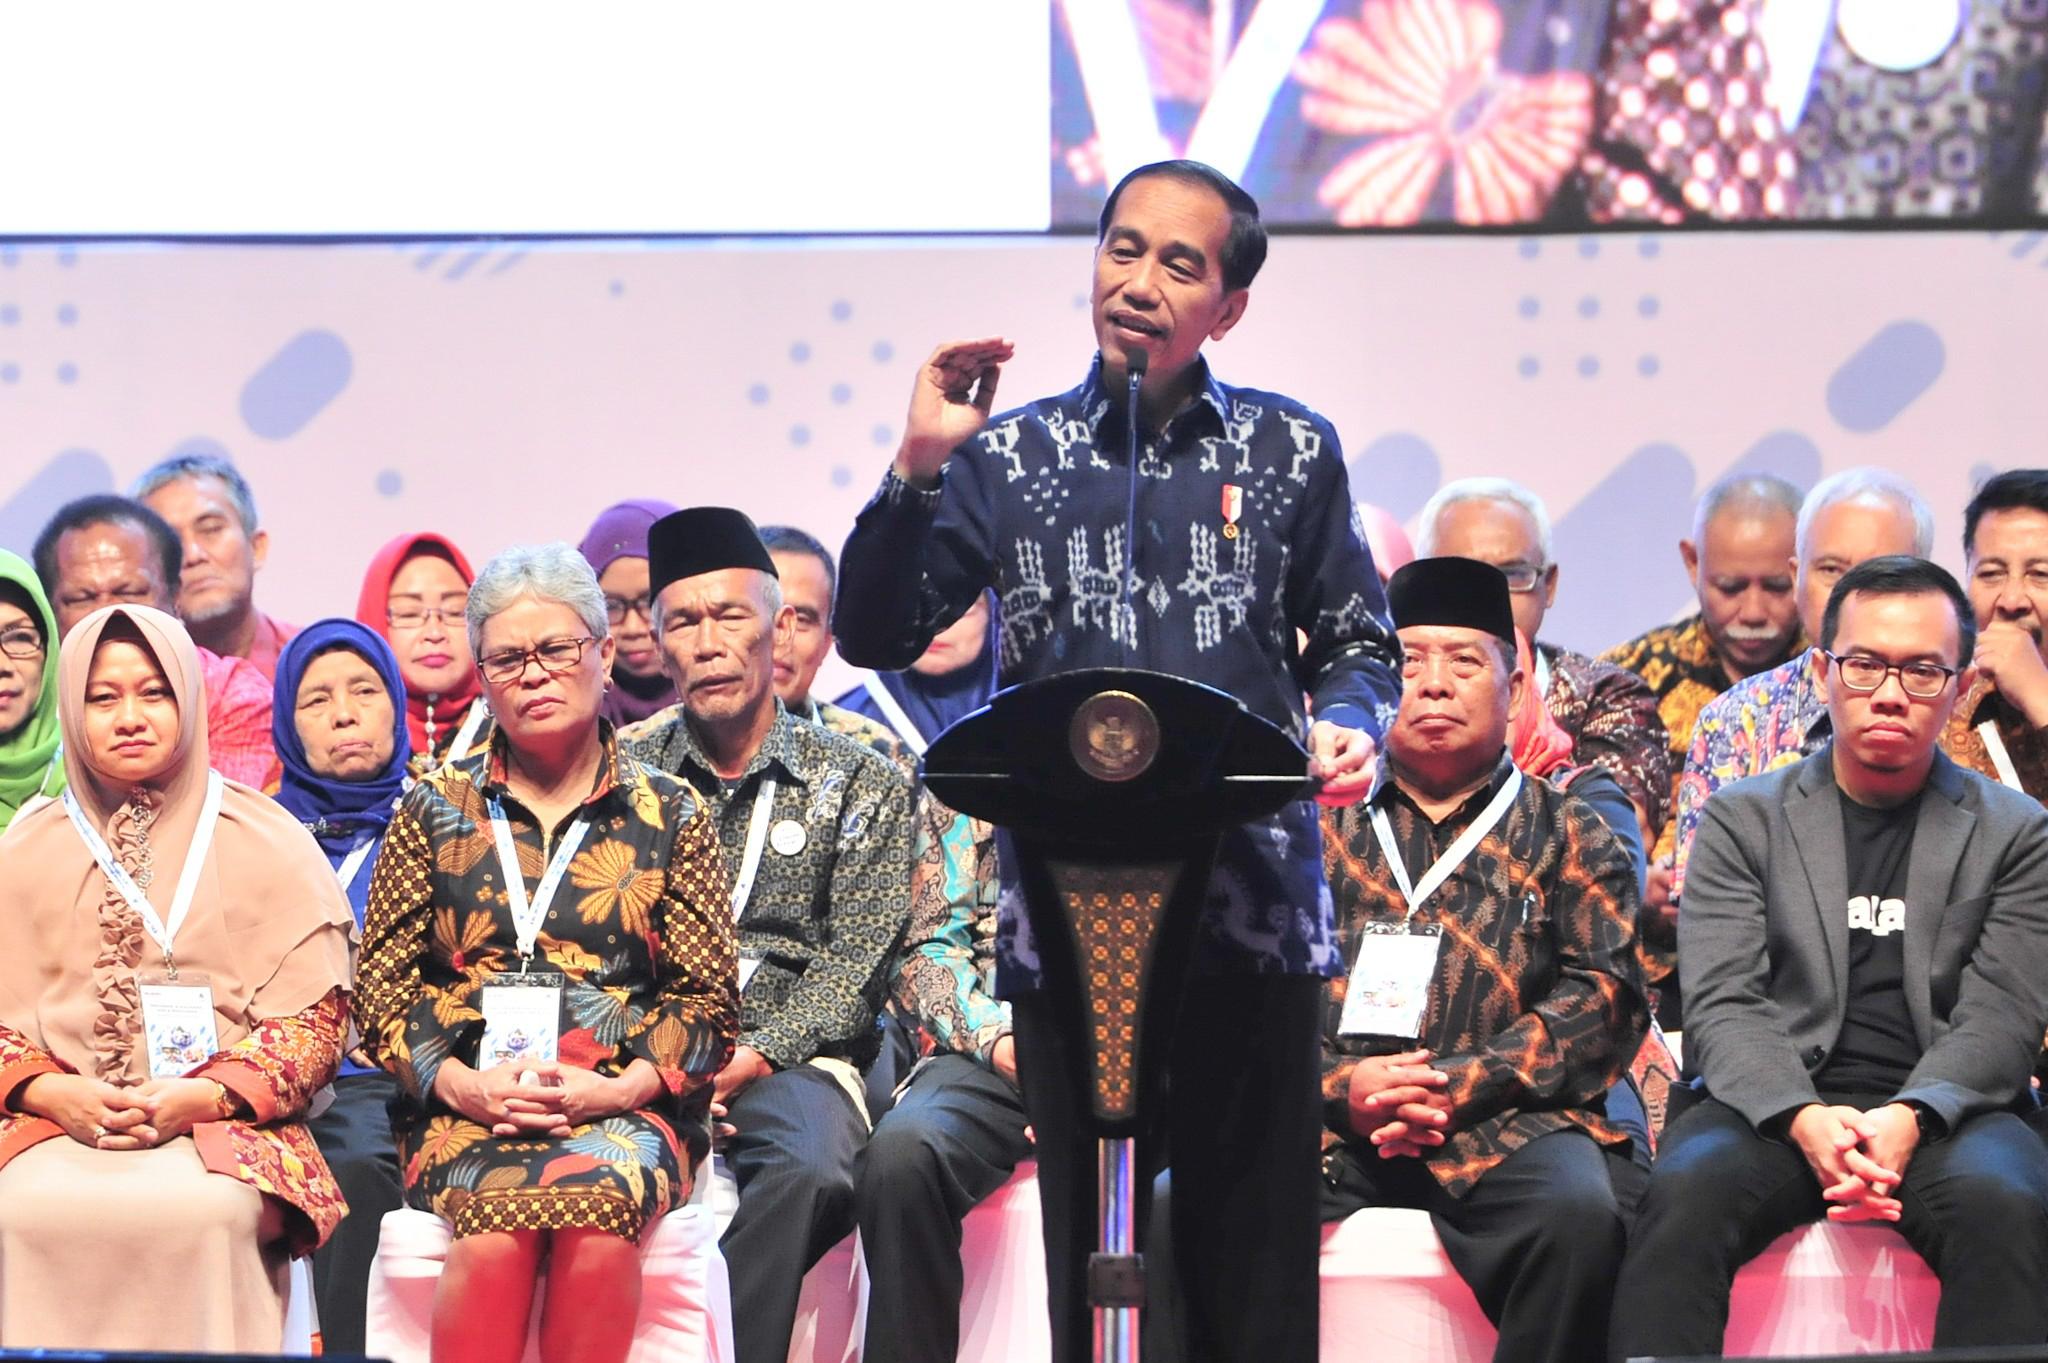 Presiden Jokowi memberikan sambutan pada peluncuran program Wirausaha ASN dan Pensiunan, di Sentul, Bogor, Jabar, Rabu (16/1) siang. (Foto: JAY/Humas)